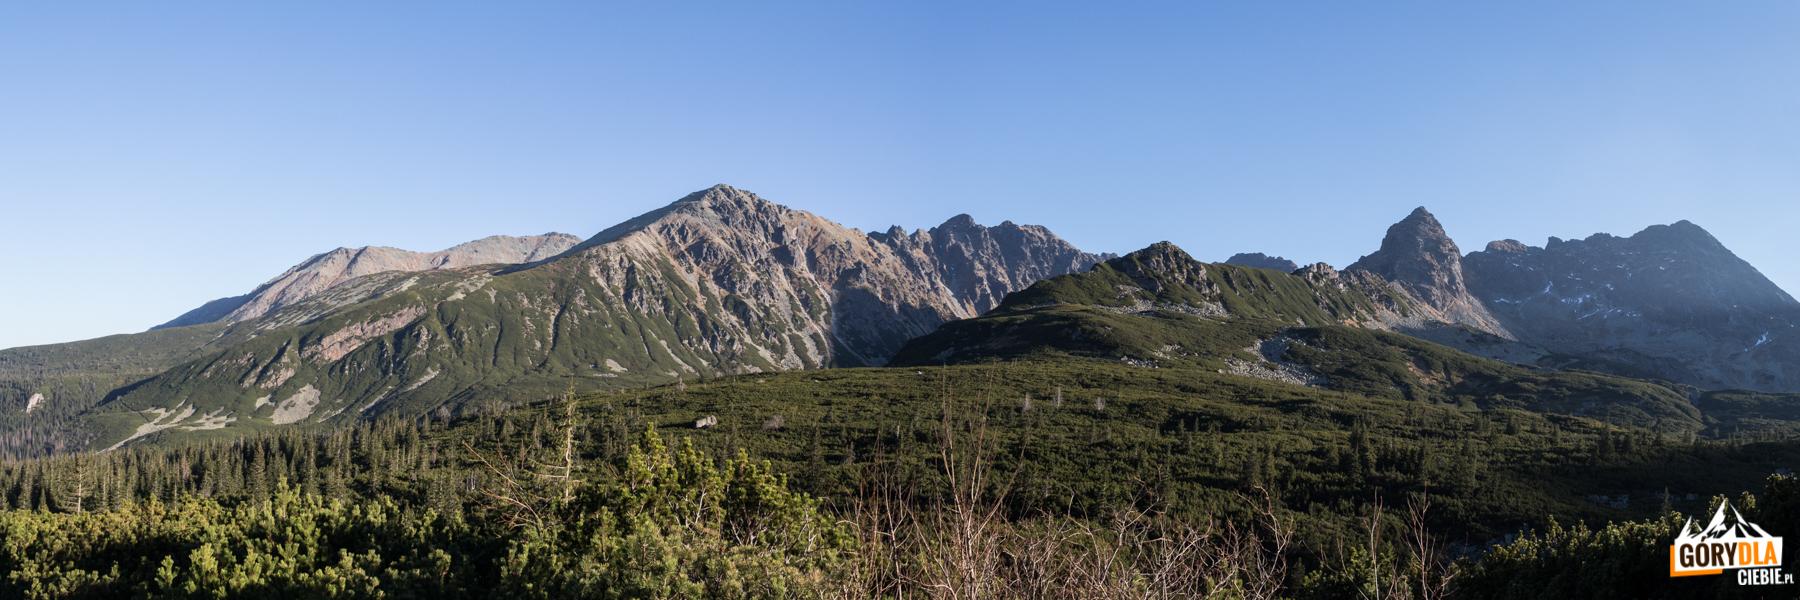 Panorama Tatr widziana z drogi z Doliny Zielonej Gąsienicowej do Murowańca